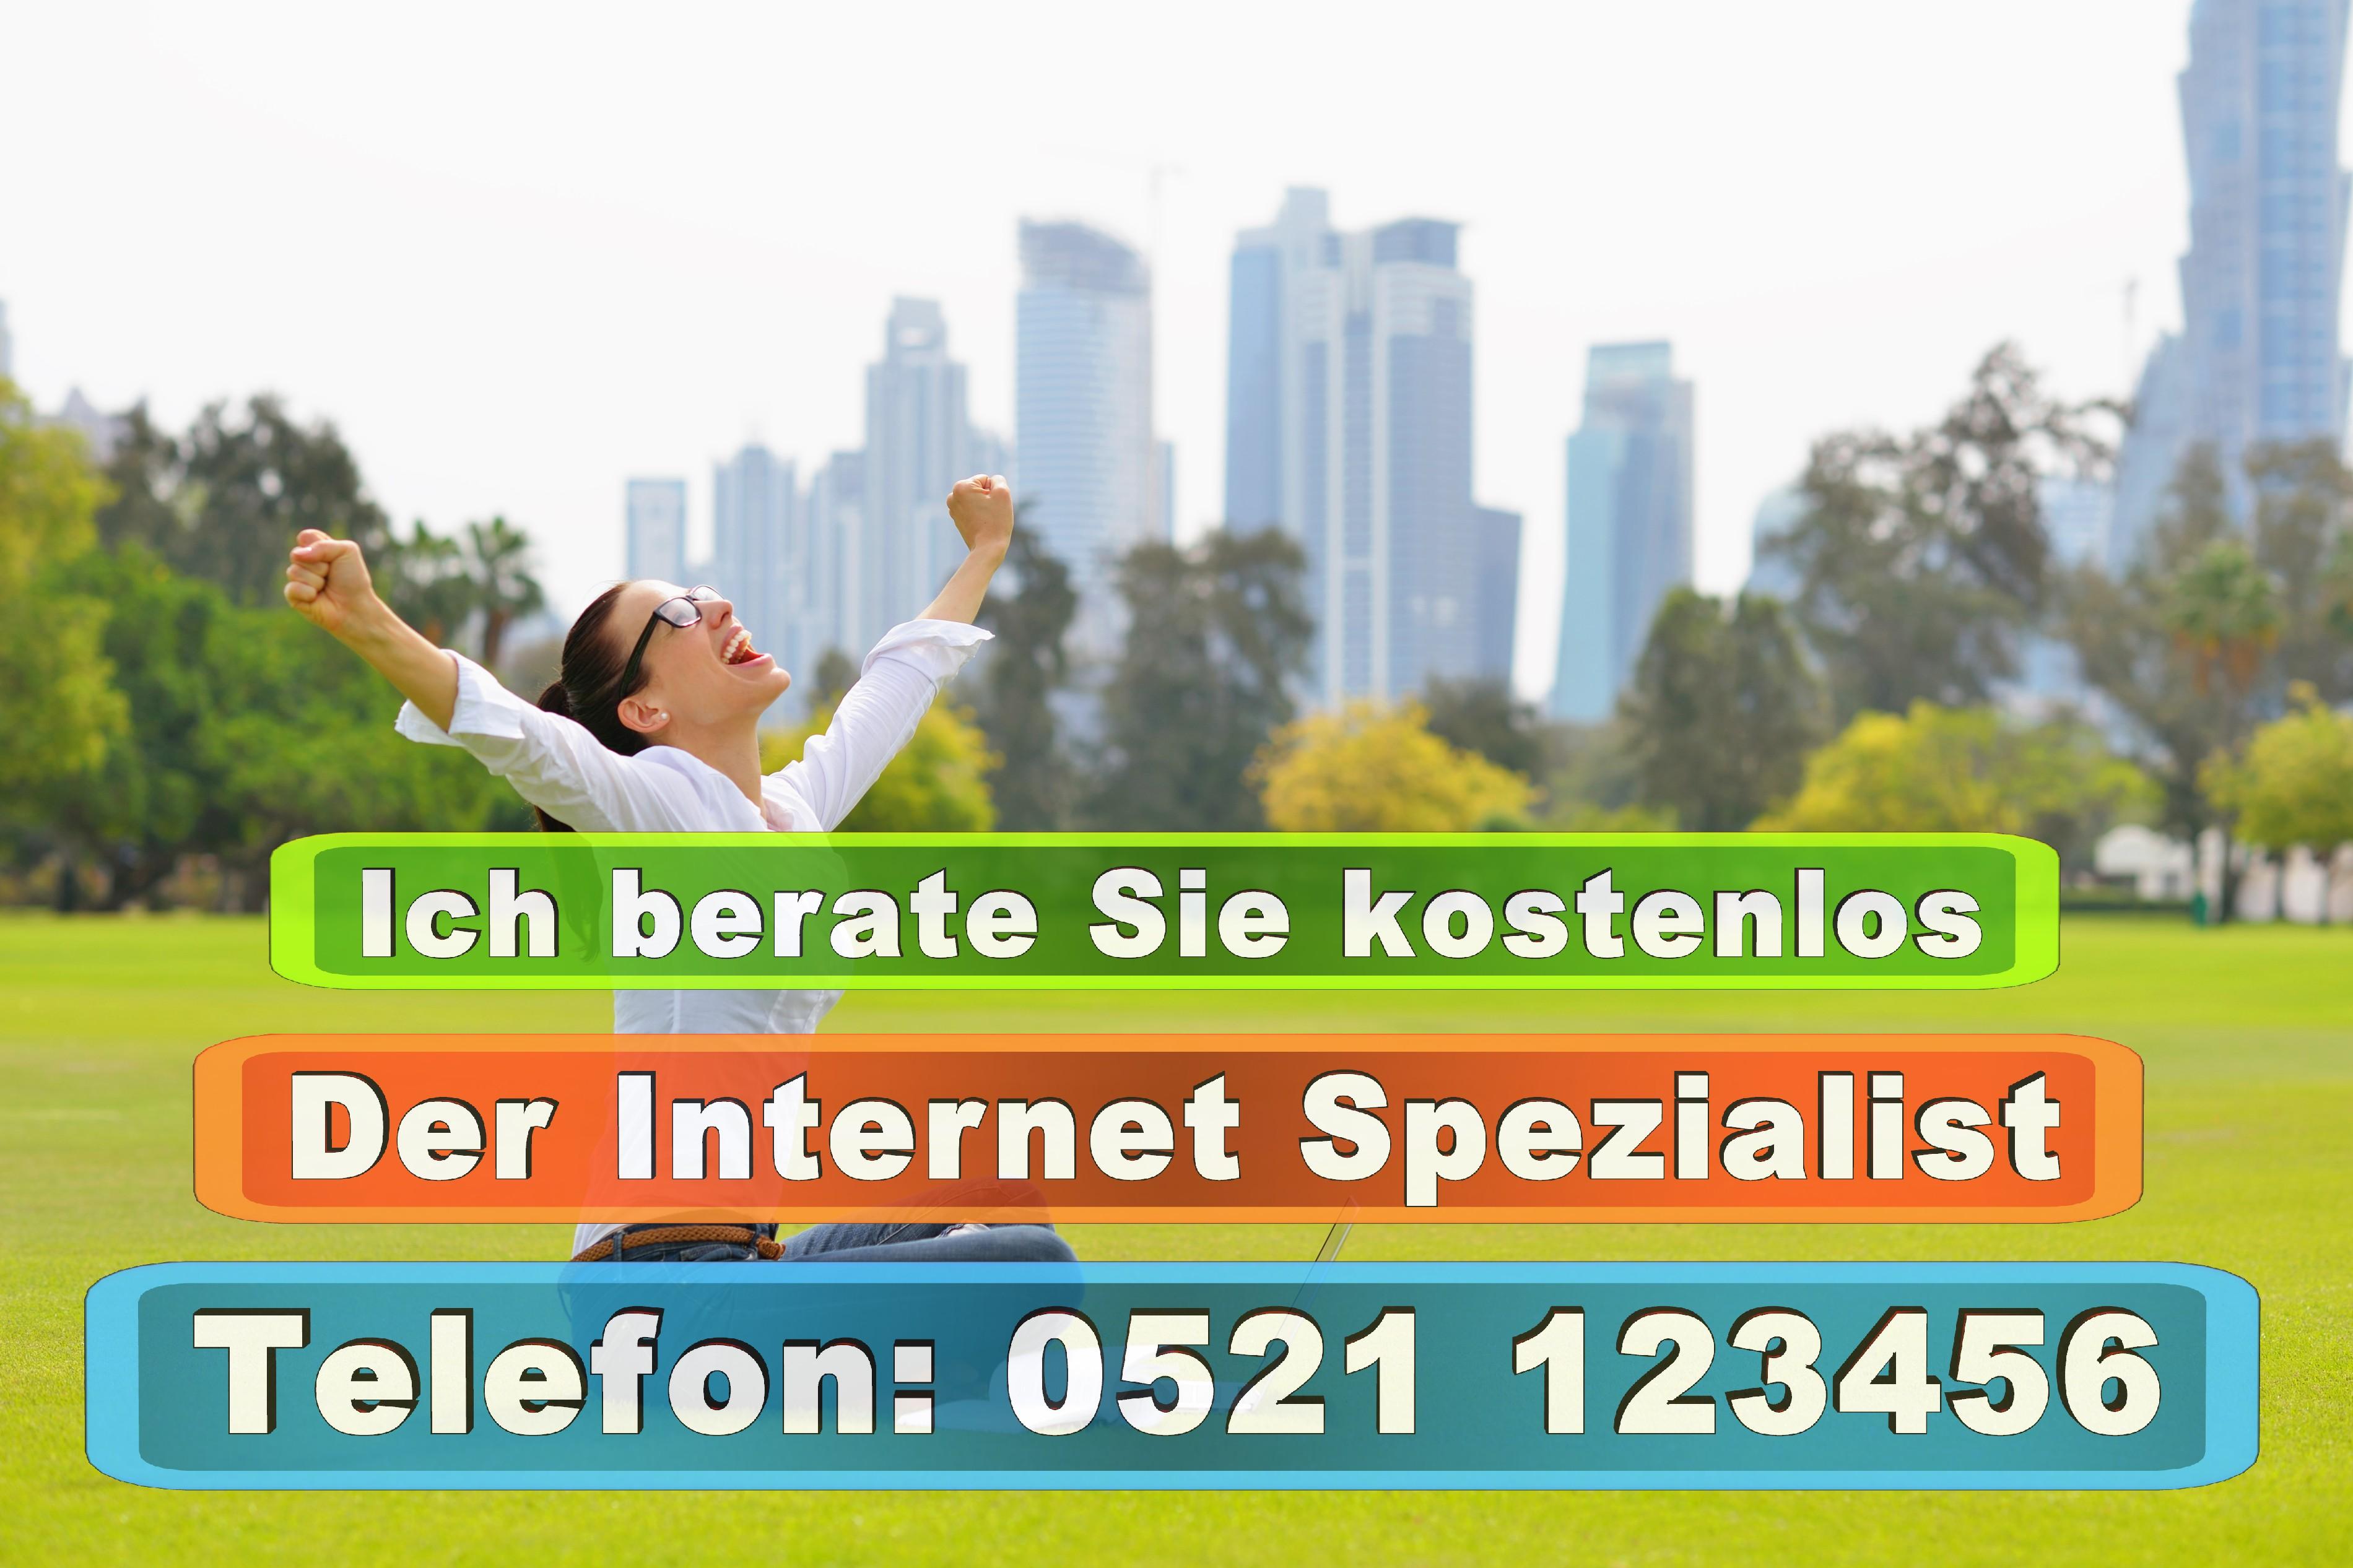 UNI Bielefeld Universität Bielefeld NRW Studentenwohnheim Mensa UNI Bielefeld NRW (4)